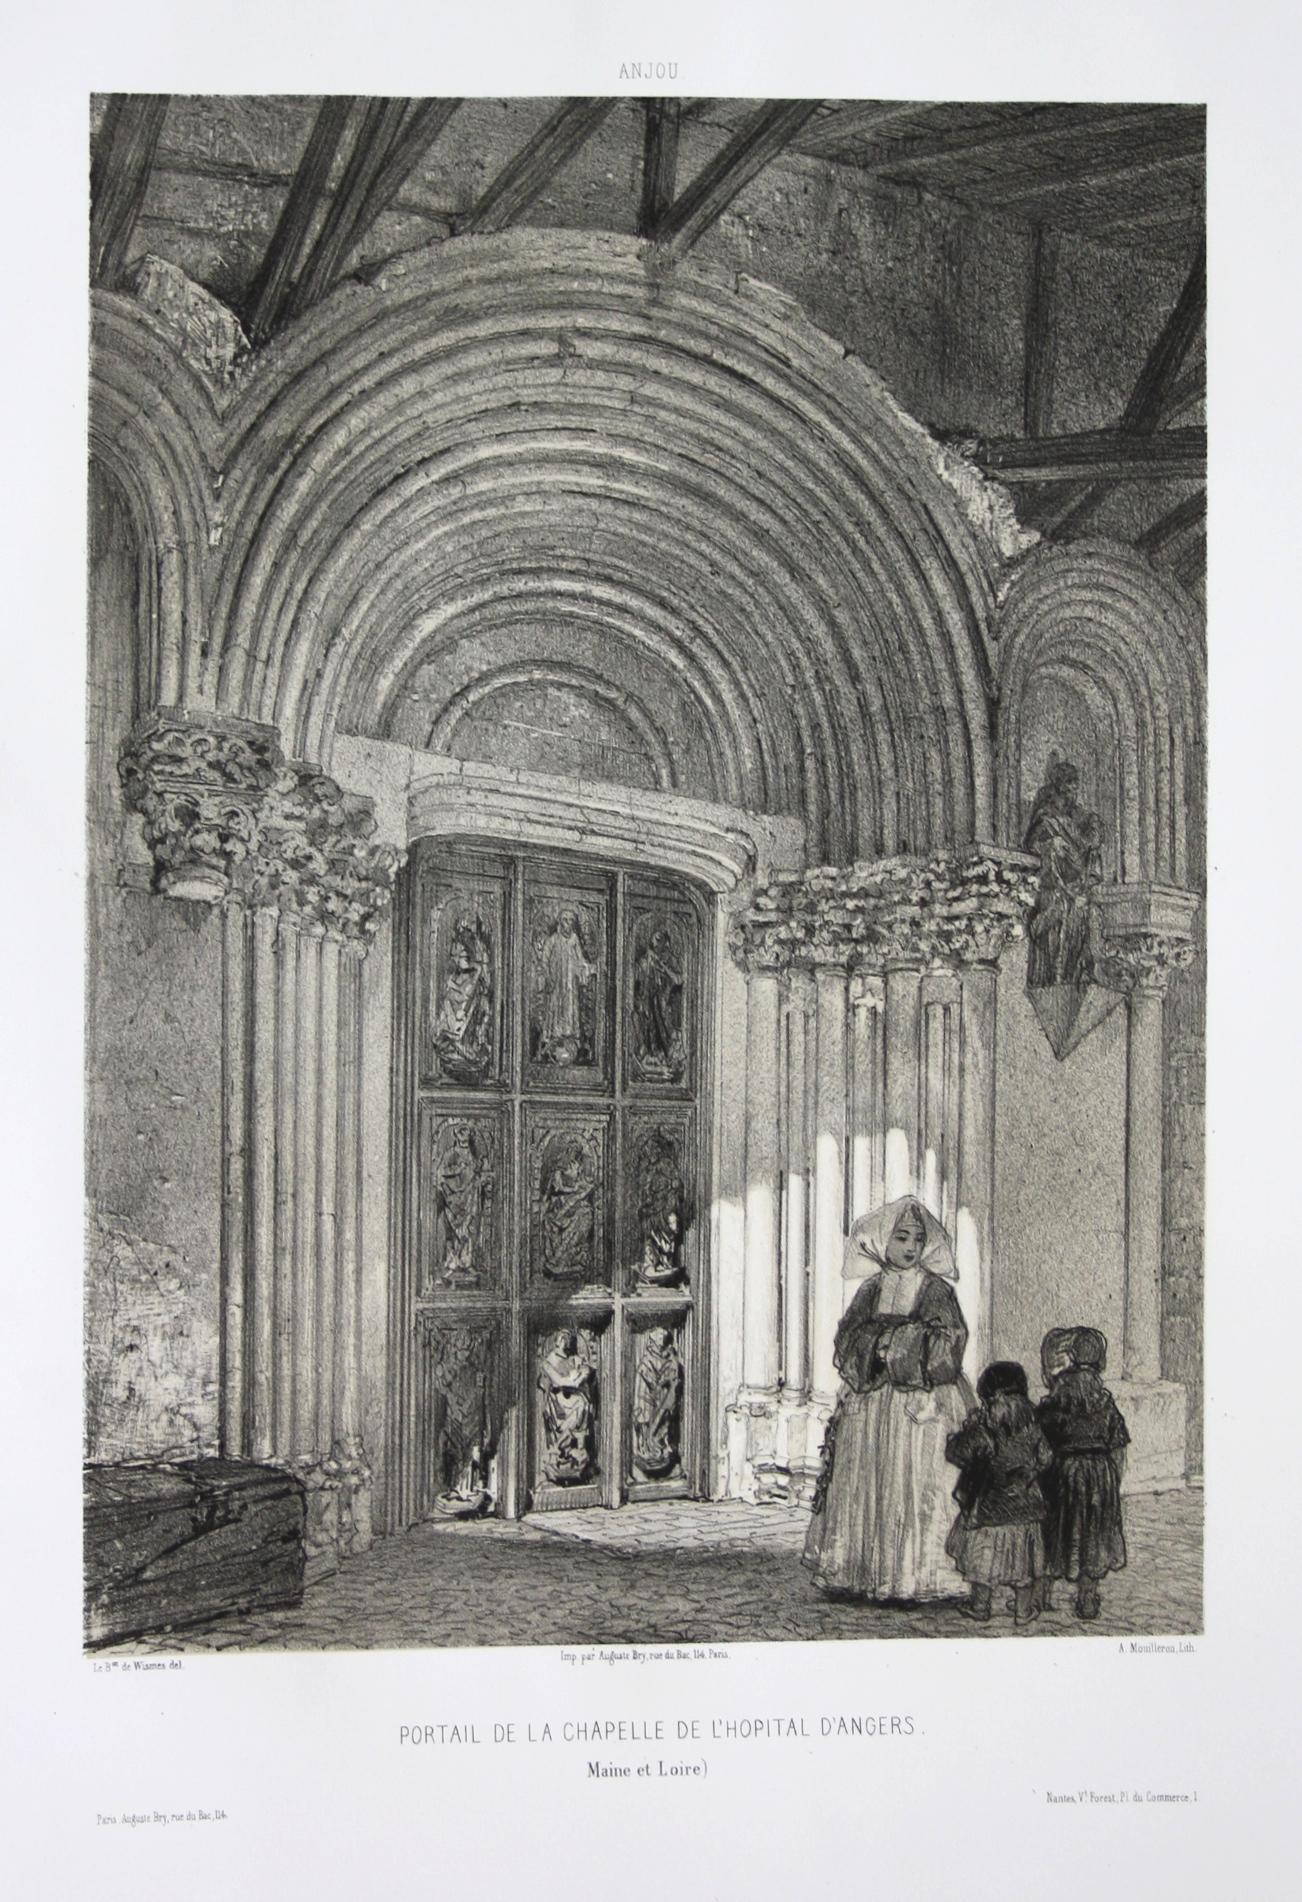 Portail de la Chapelle de l'Hopital d'Angers: Wismes, Olivier de